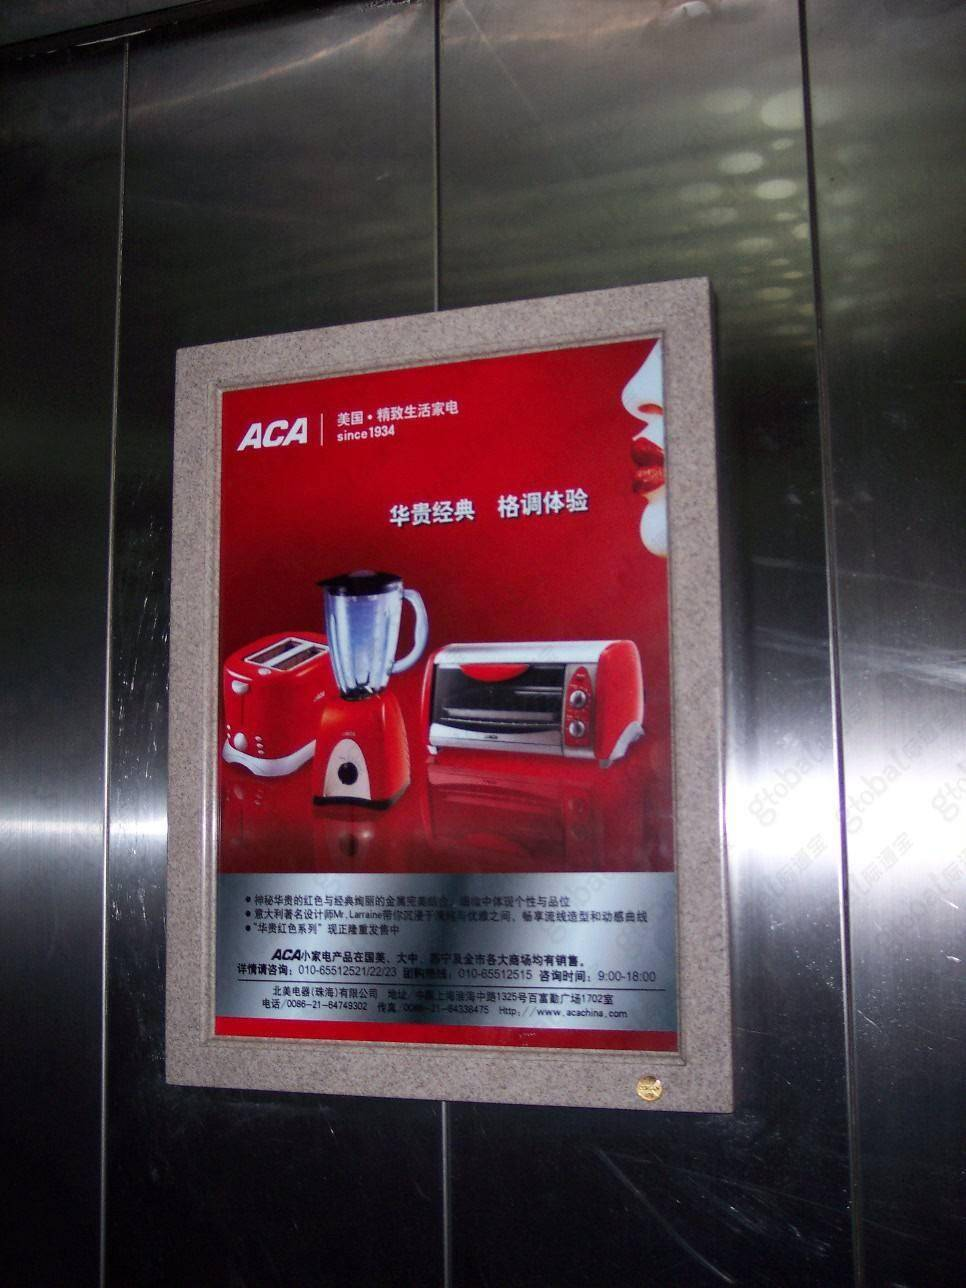 乌兰察布电梯广告公司广告牌框架3.0投放(100框起投)